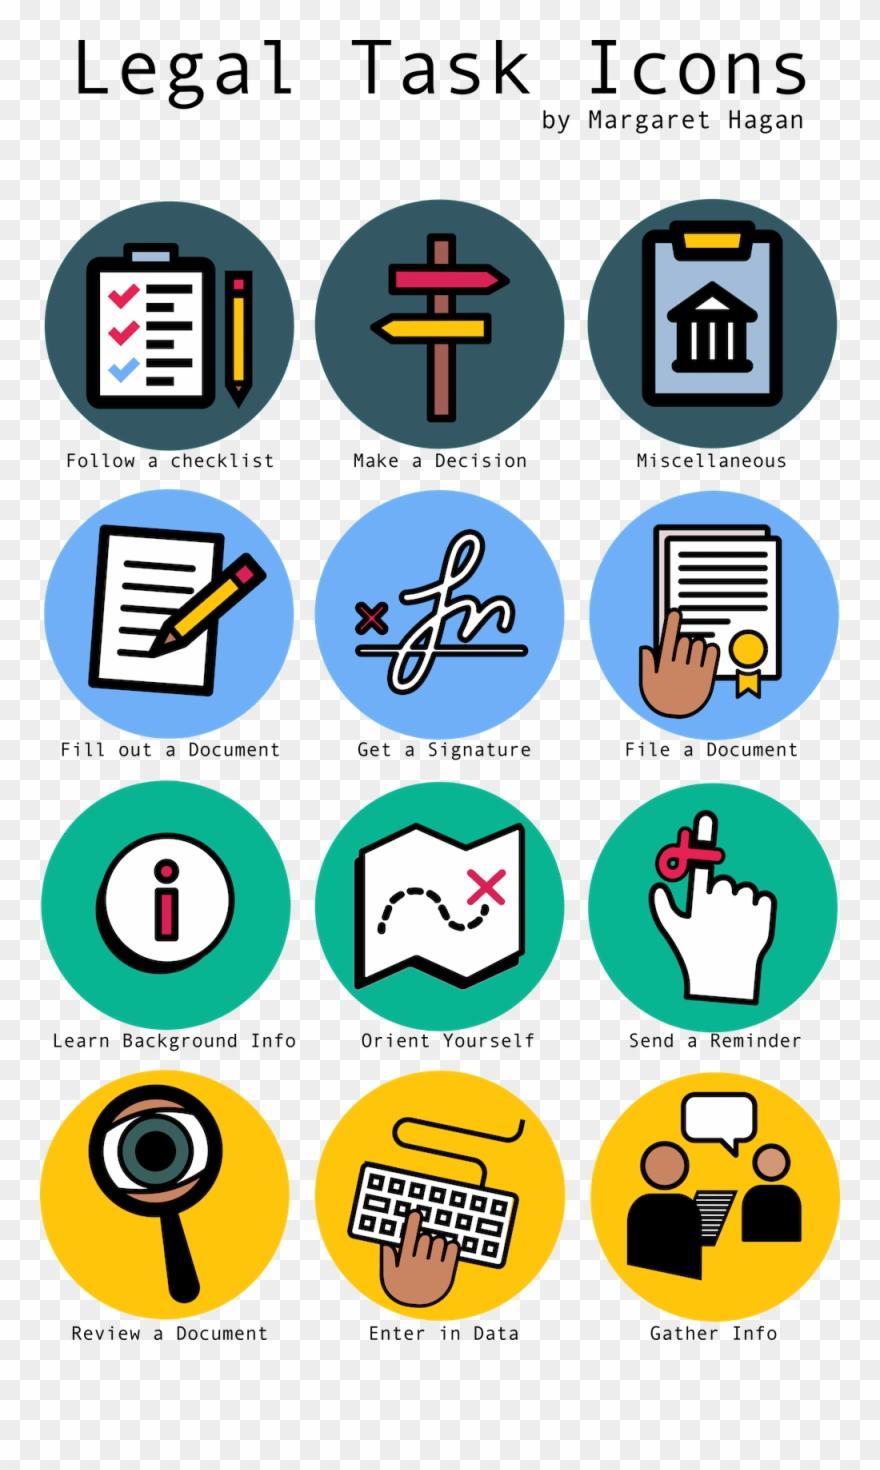 Legal Icons For Tasks.